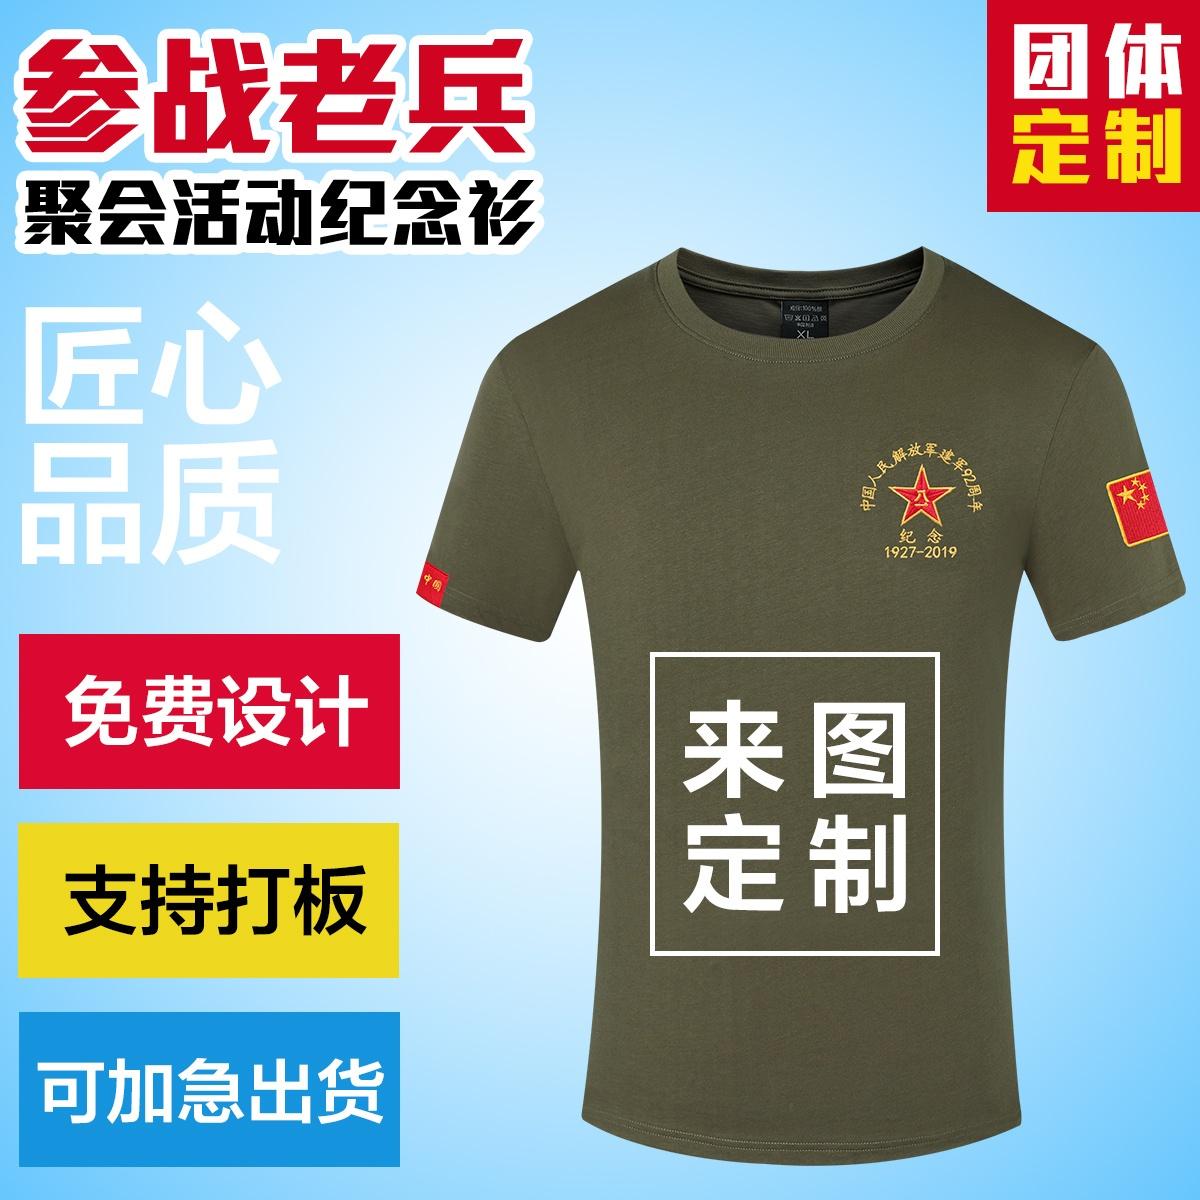 空军海陆军退伍军人八一建军节纪念T恤定制参战老兵战友聚会衣服